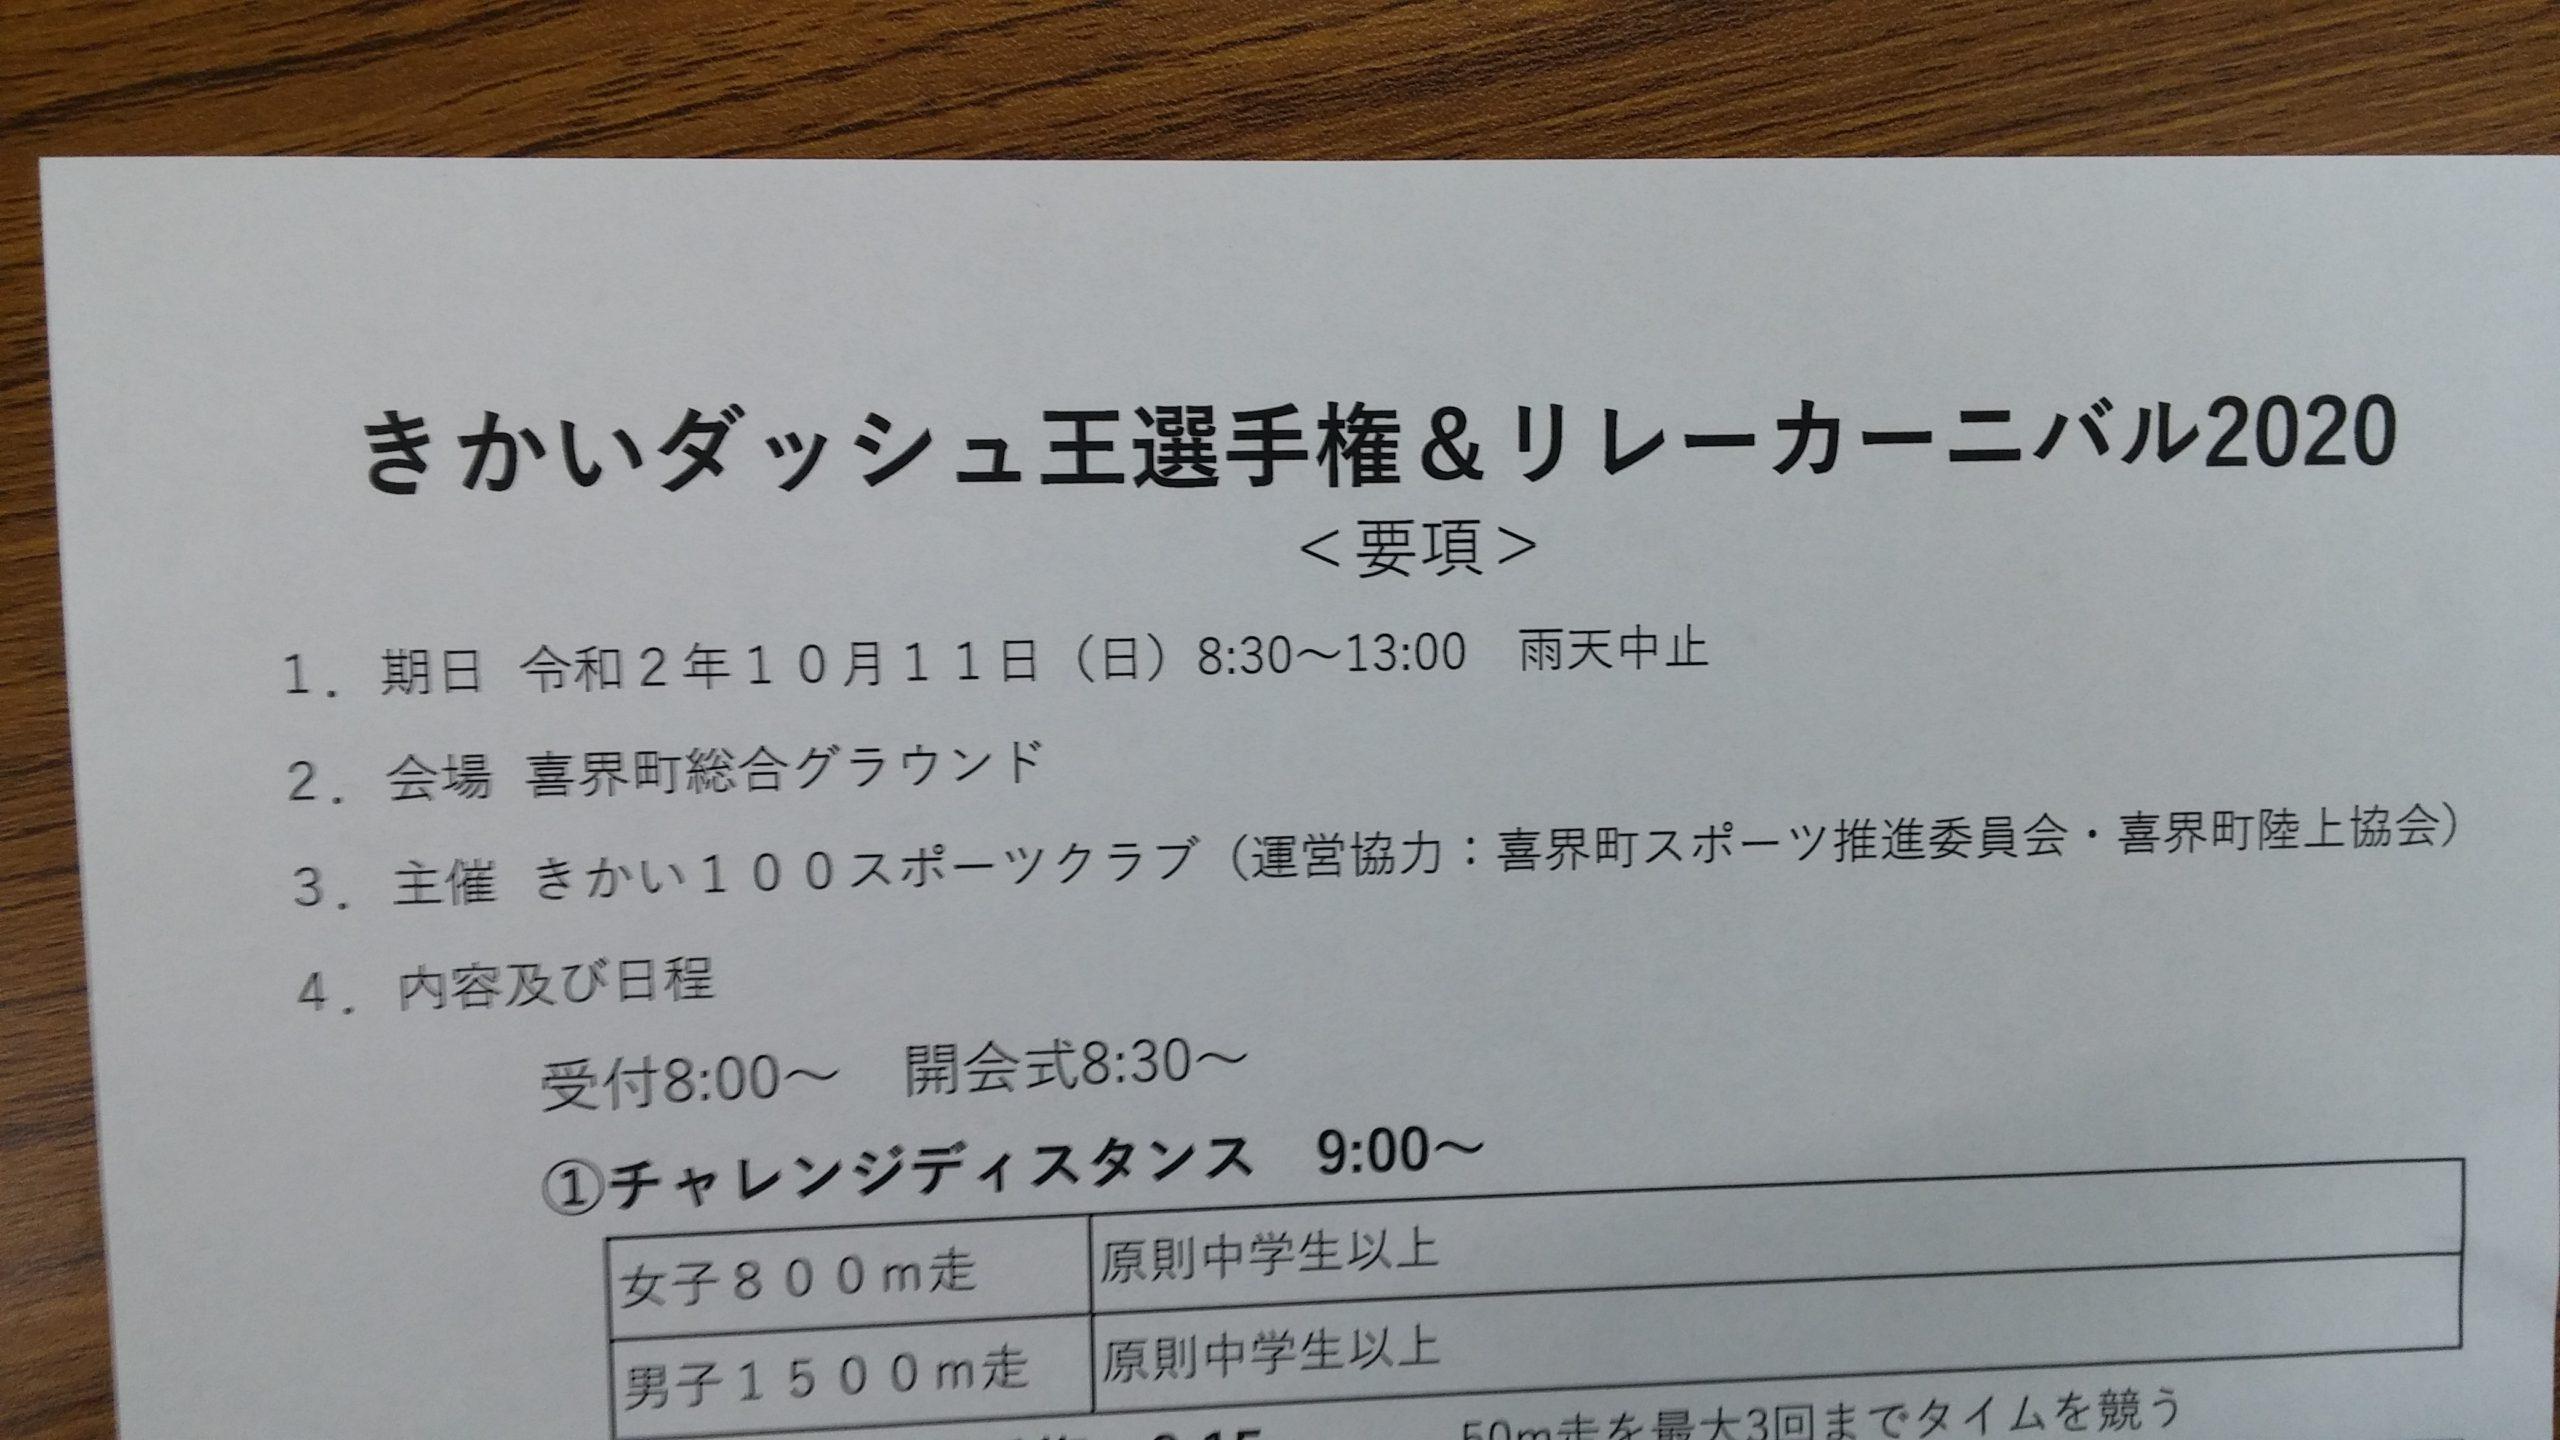 きかいダッシュ王選手権&リレーカーニバル2020中止のお知らせ